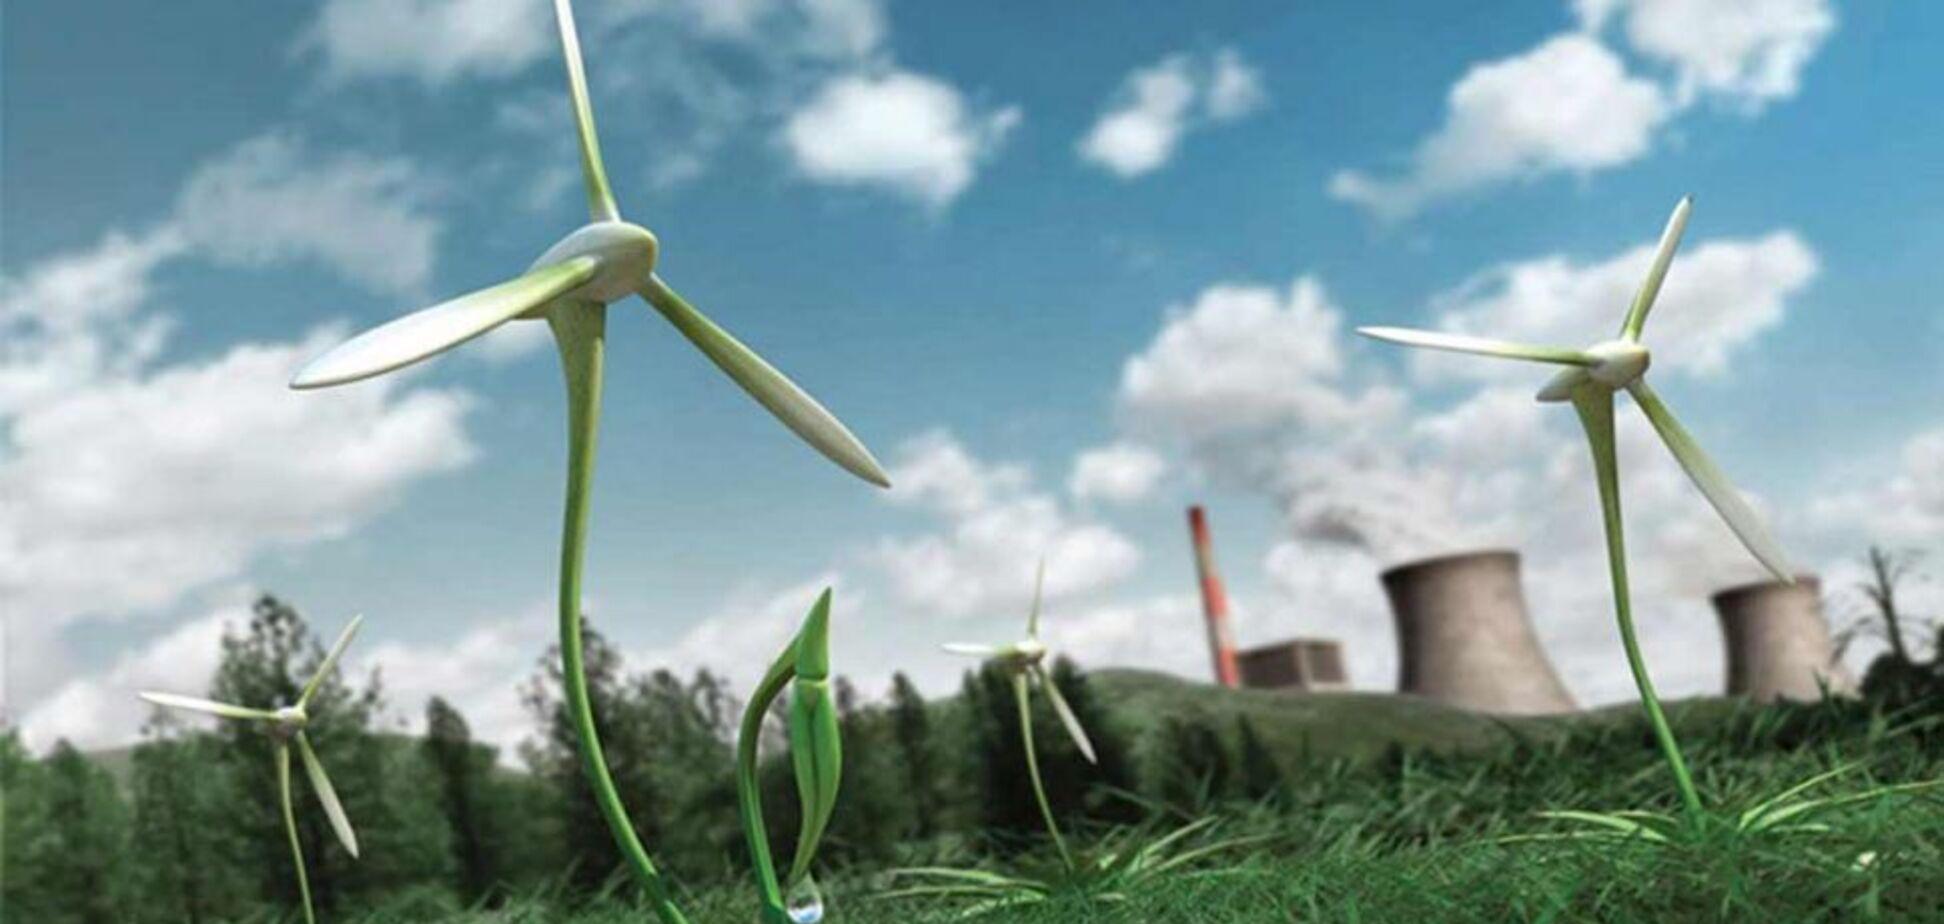 Майбутнє 'зеленої' енергетики України: озвучено сміливі прогнози